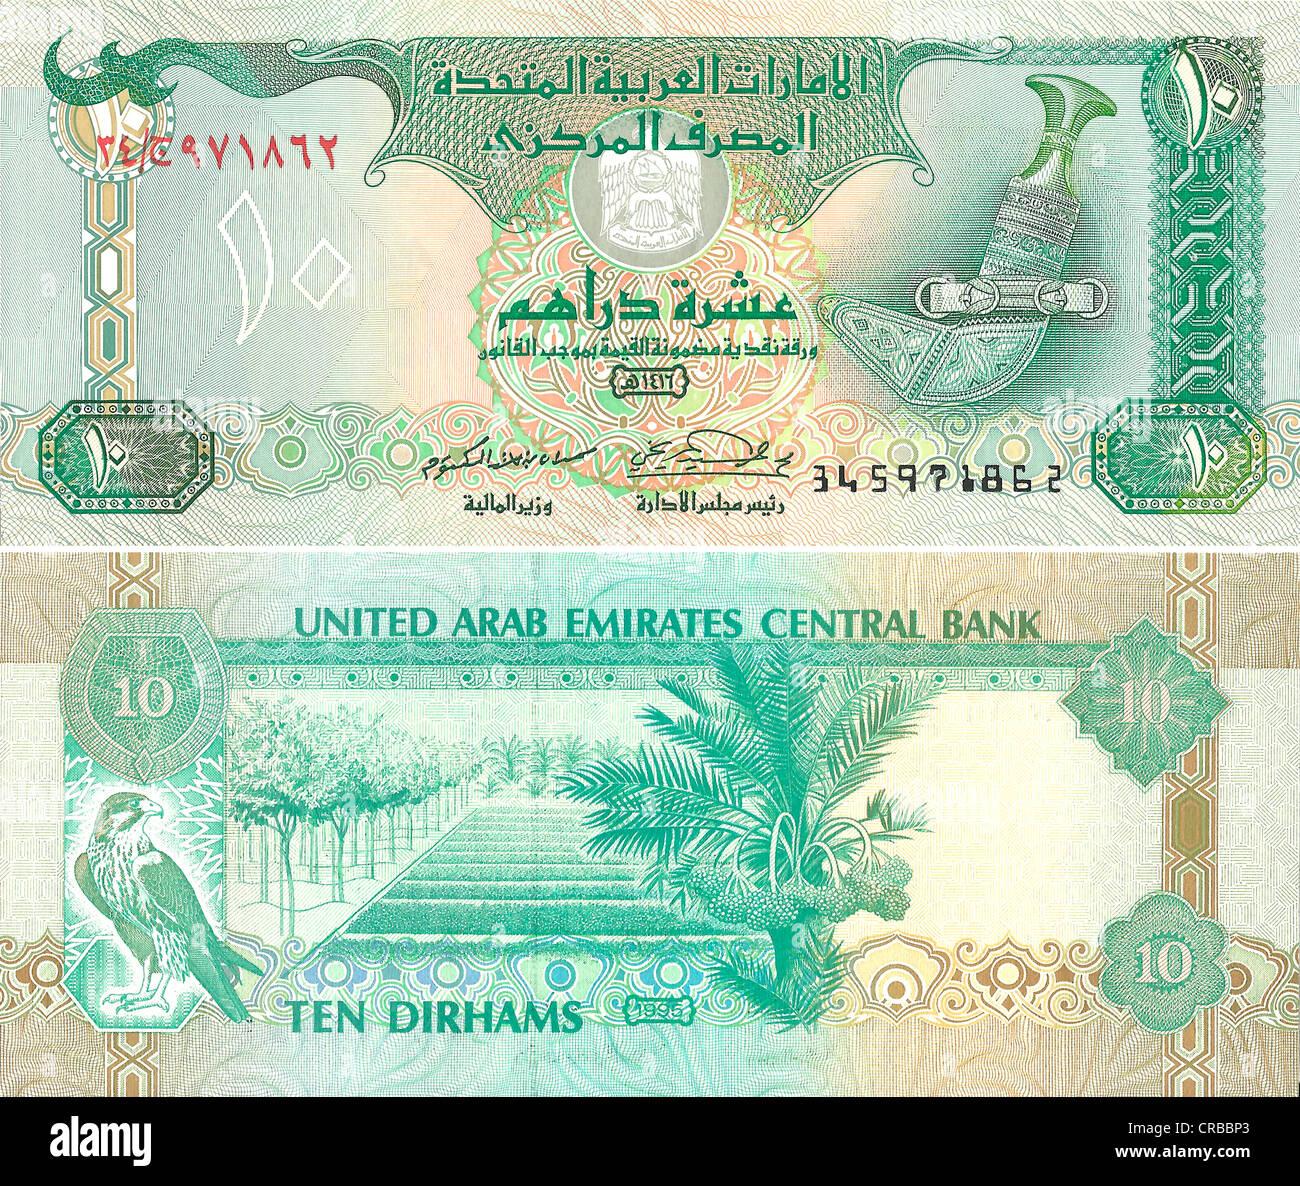 United Arab Emirates Currency Stock Photos United Arab Emirates